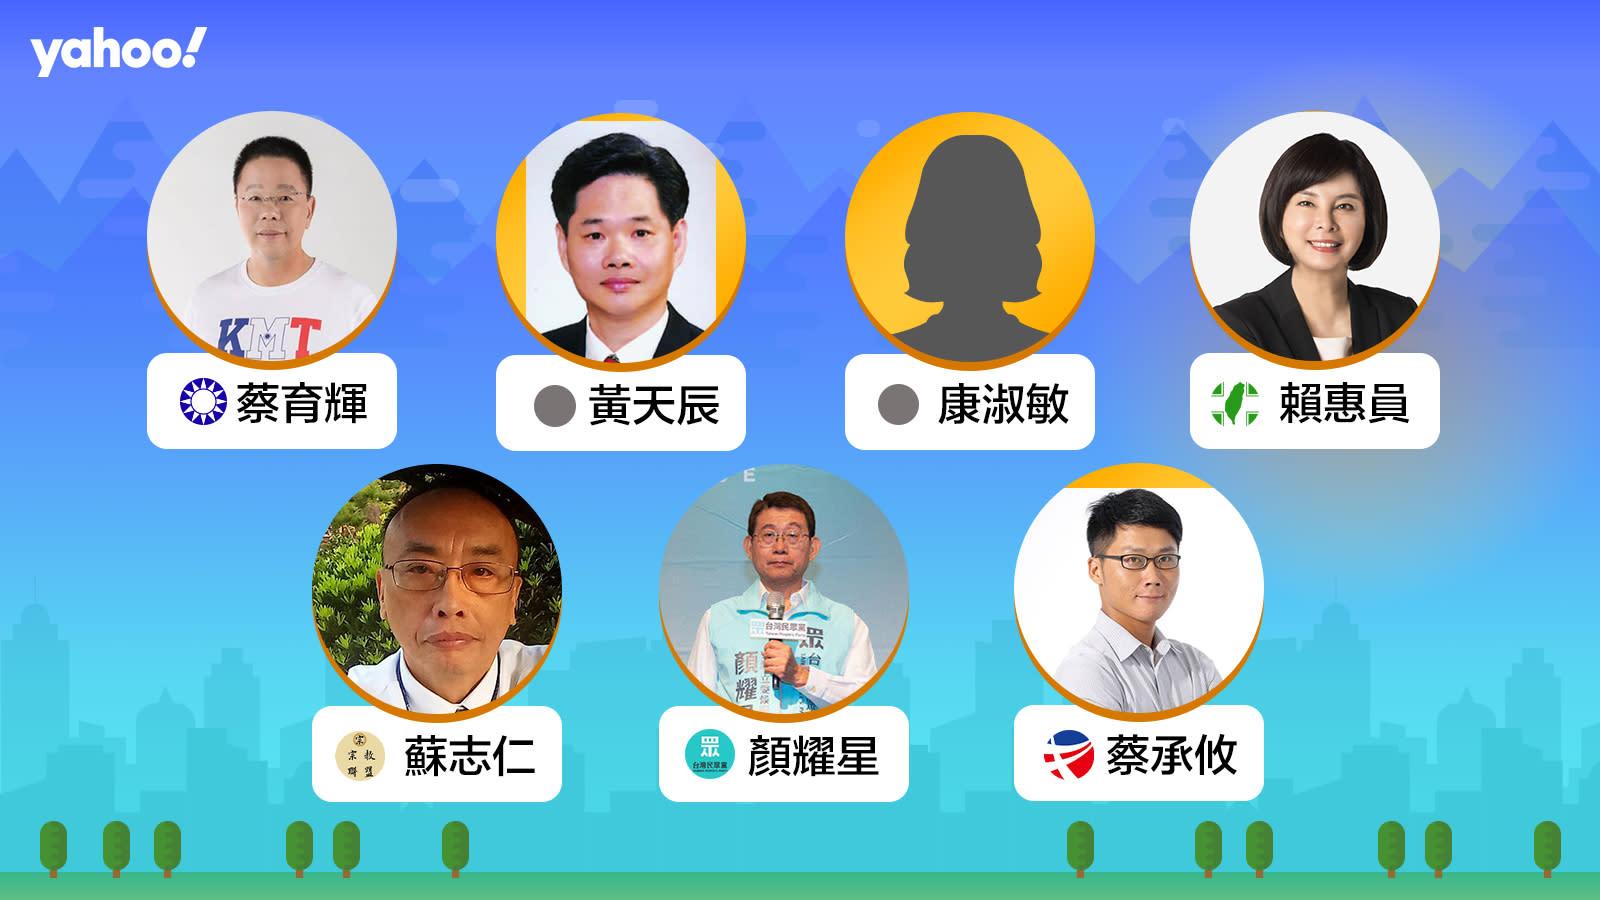 2020立委選舉台南市第一選區(後壁、白河、北門、學甲、鹽水、新營、柳營、東山、將軍、下營、六甲),你支持誰?